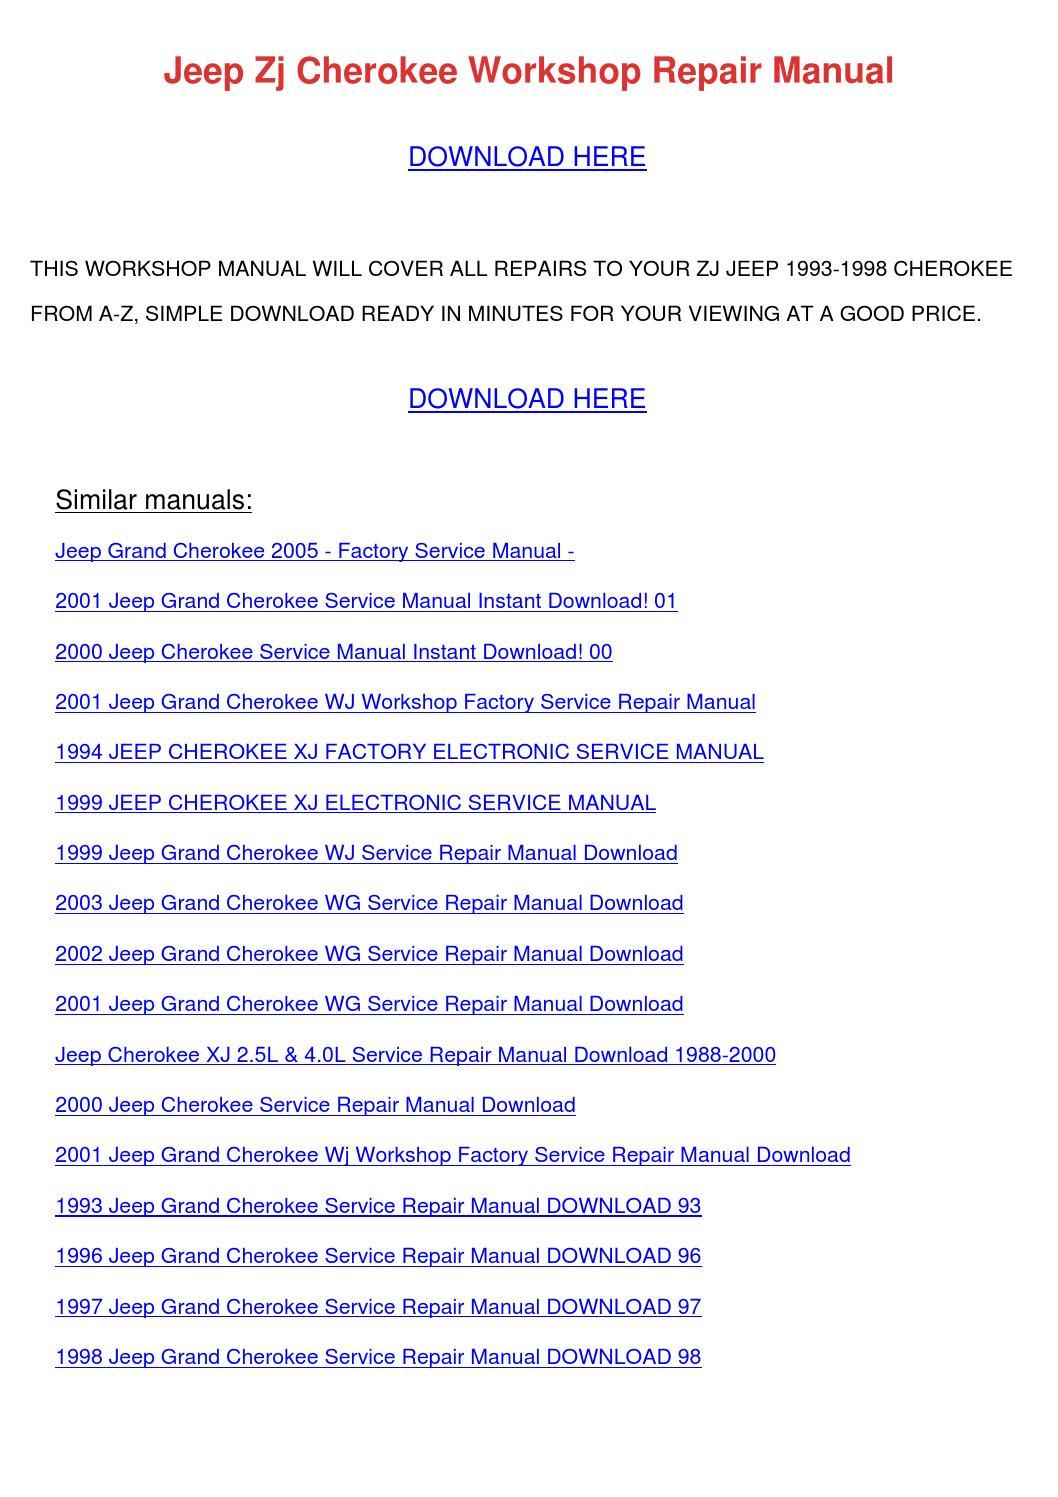 Jeep Zj Cherokee Workshop Repair Manual by KristianHurd - issuu